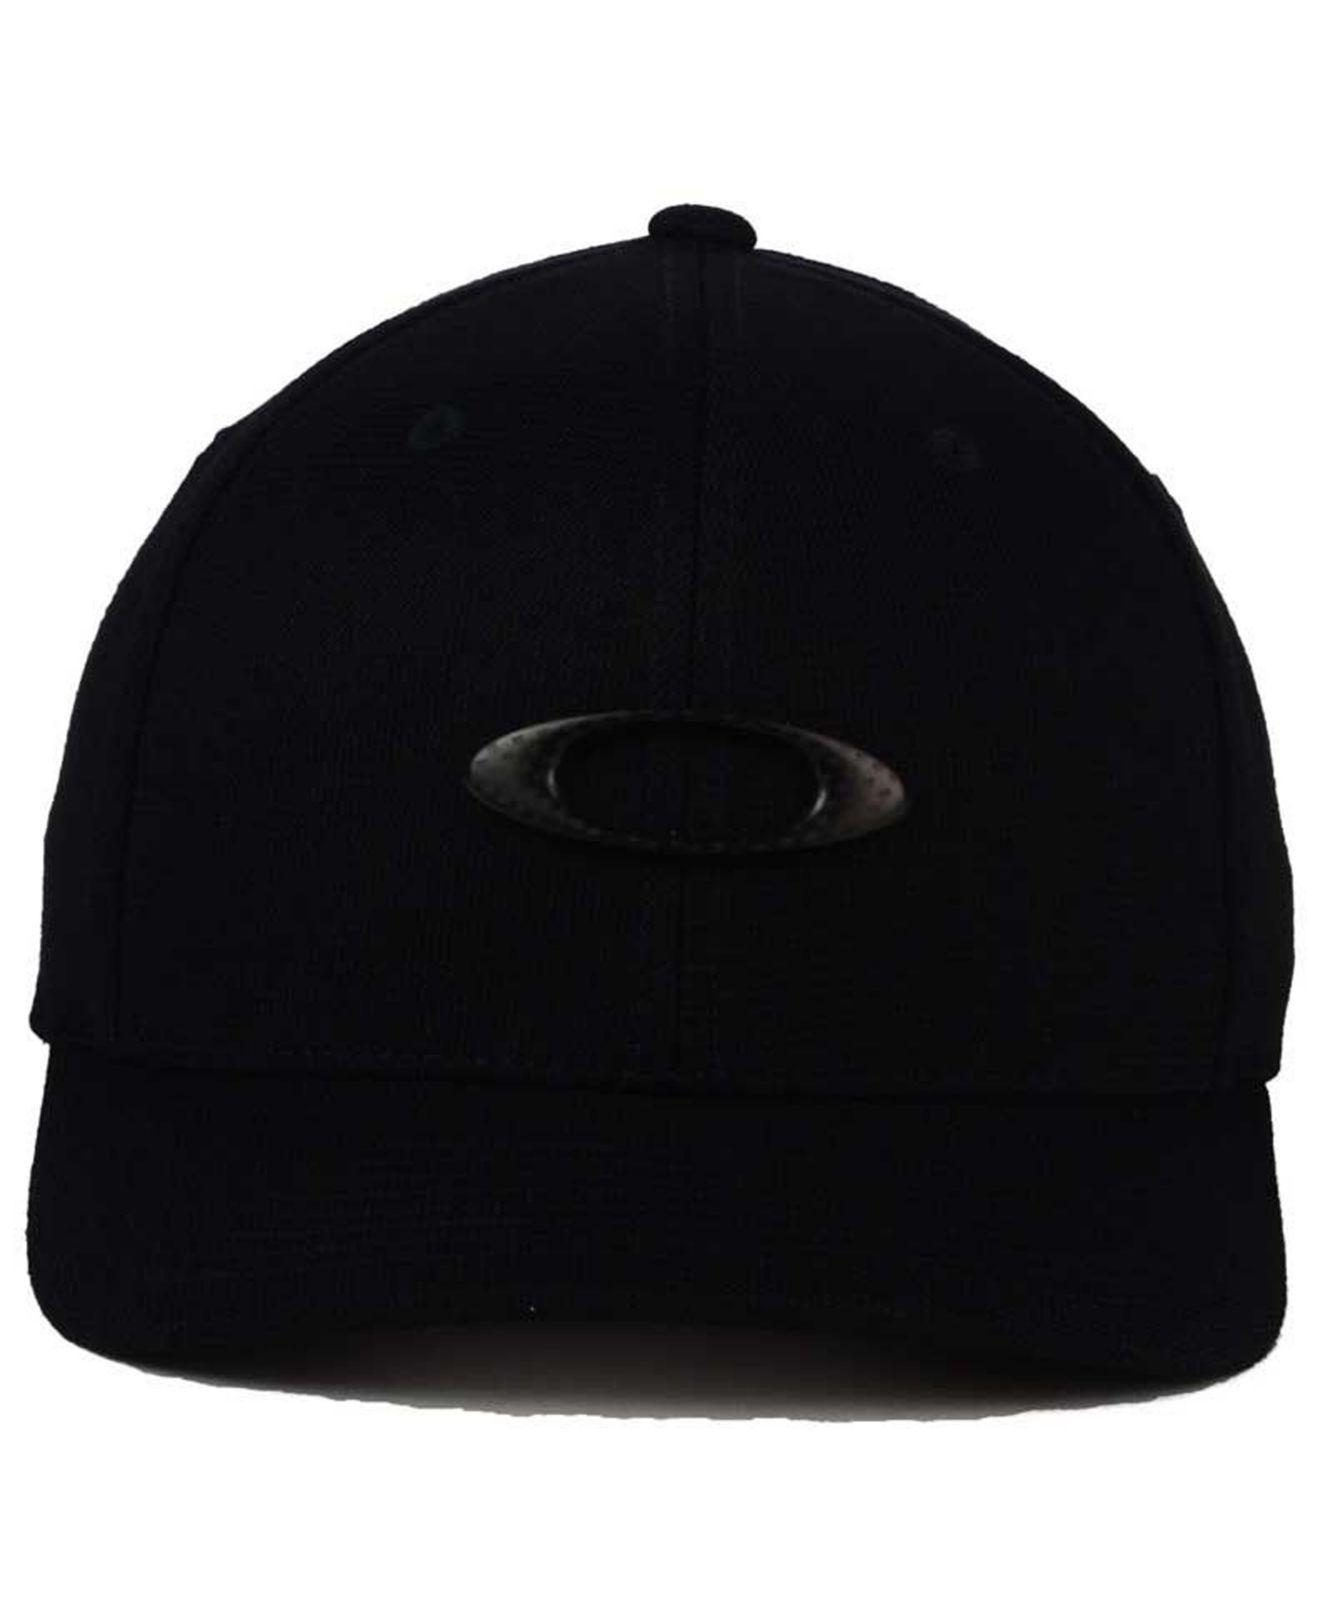 b366c3af34 Lyst - Oakley Tin Can Carbon Fiber Cap in Black for Men